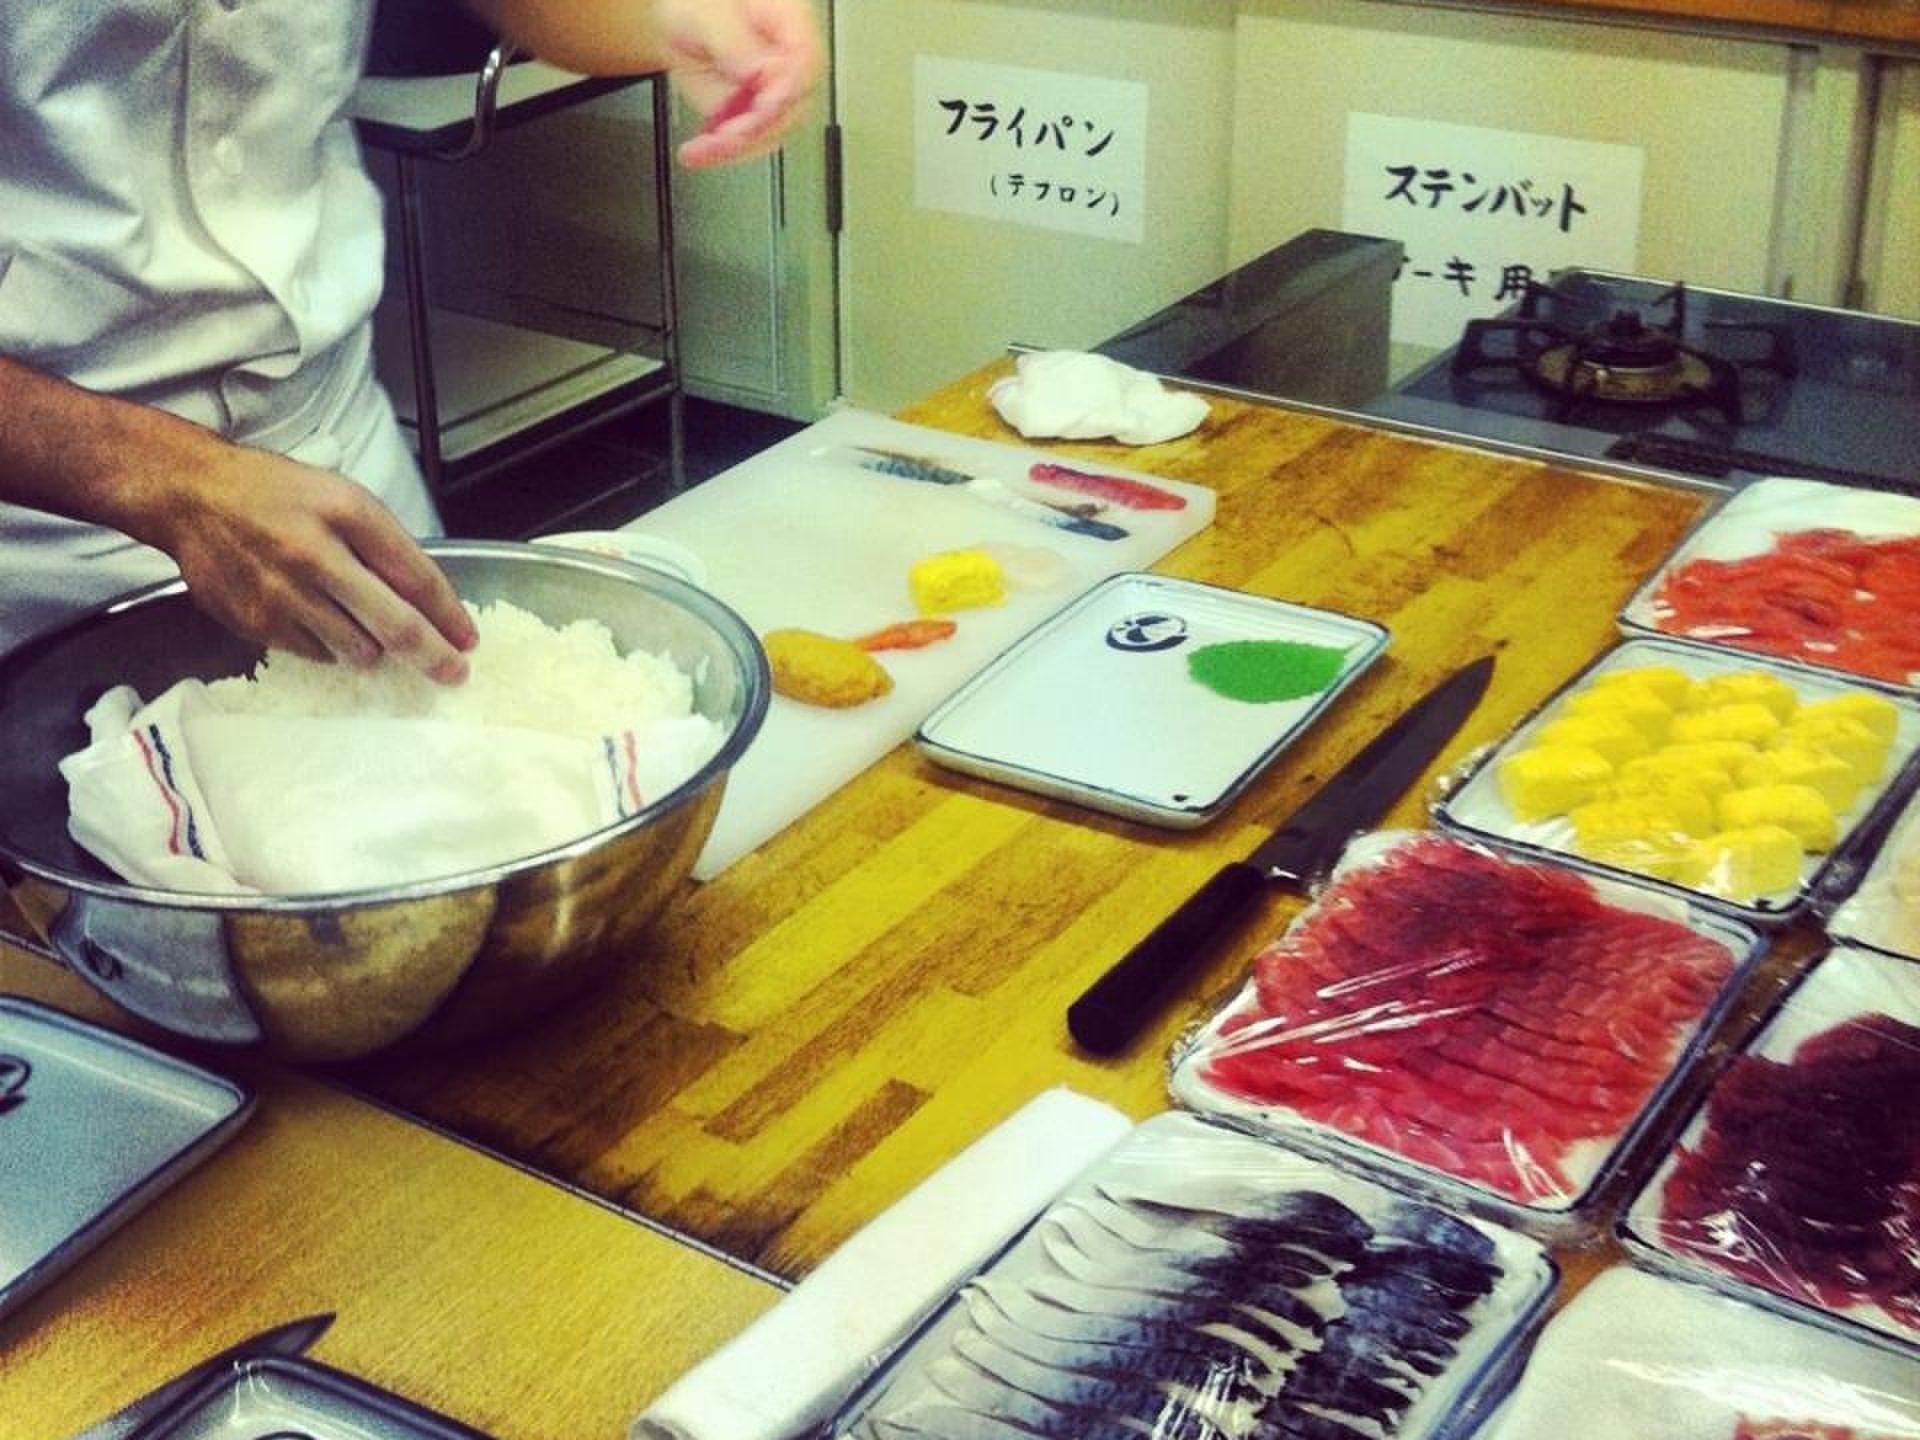 【新宿区のクッキングルーム活用!】職人出張お寿司パーティーからの45階無料展望台